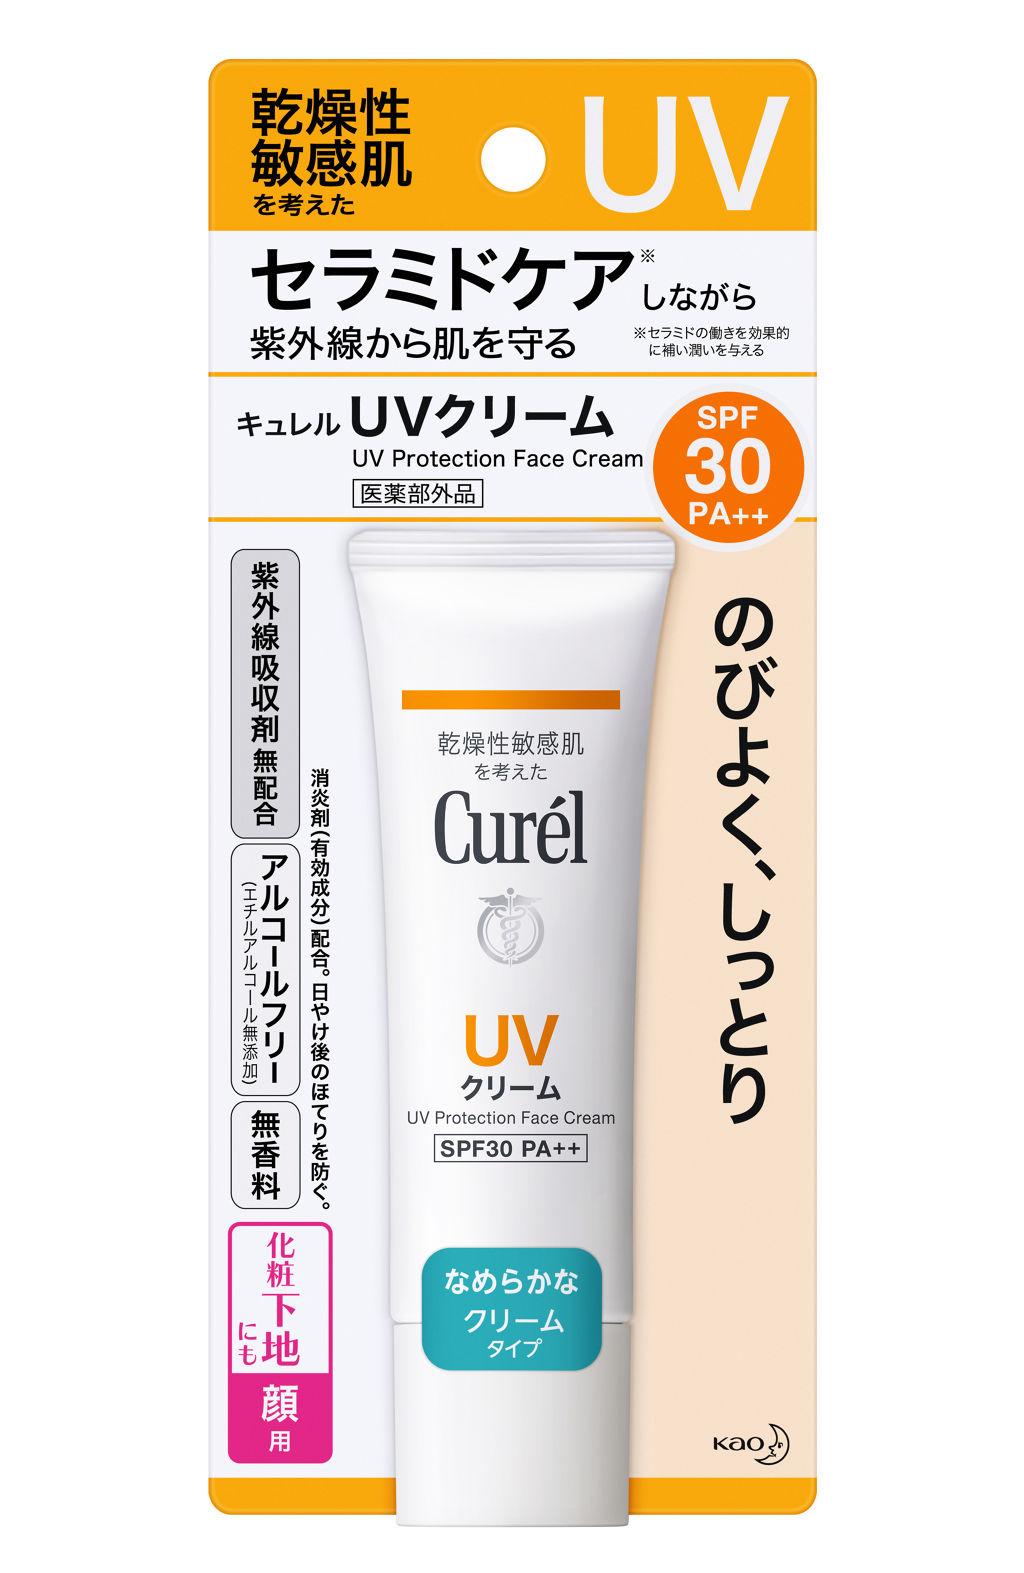 UVクリーム Curel